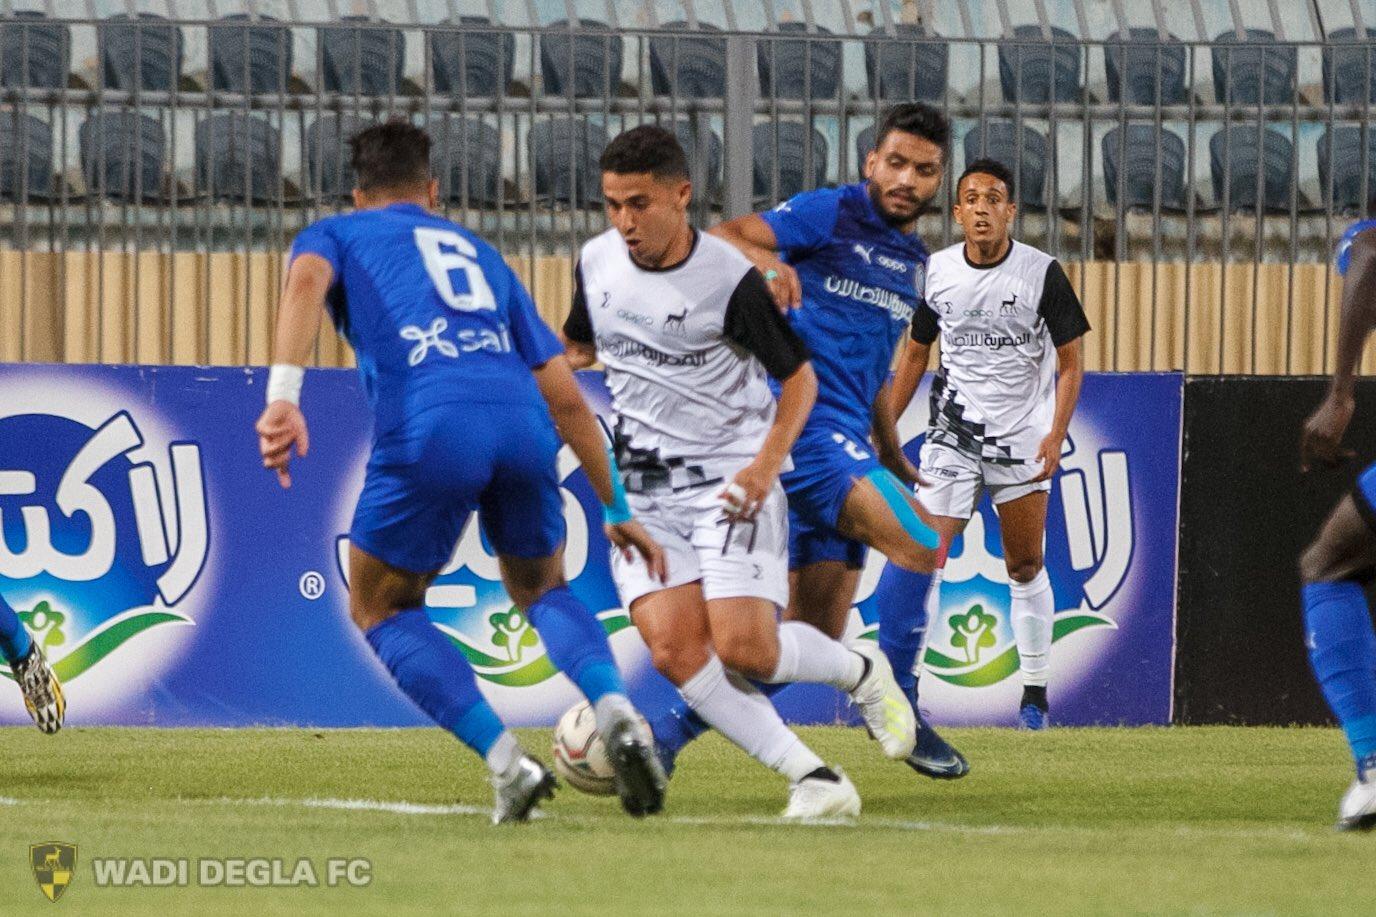 جدول ترتيب الدوري المصري بعد فوز وادي دجلة على أسوان